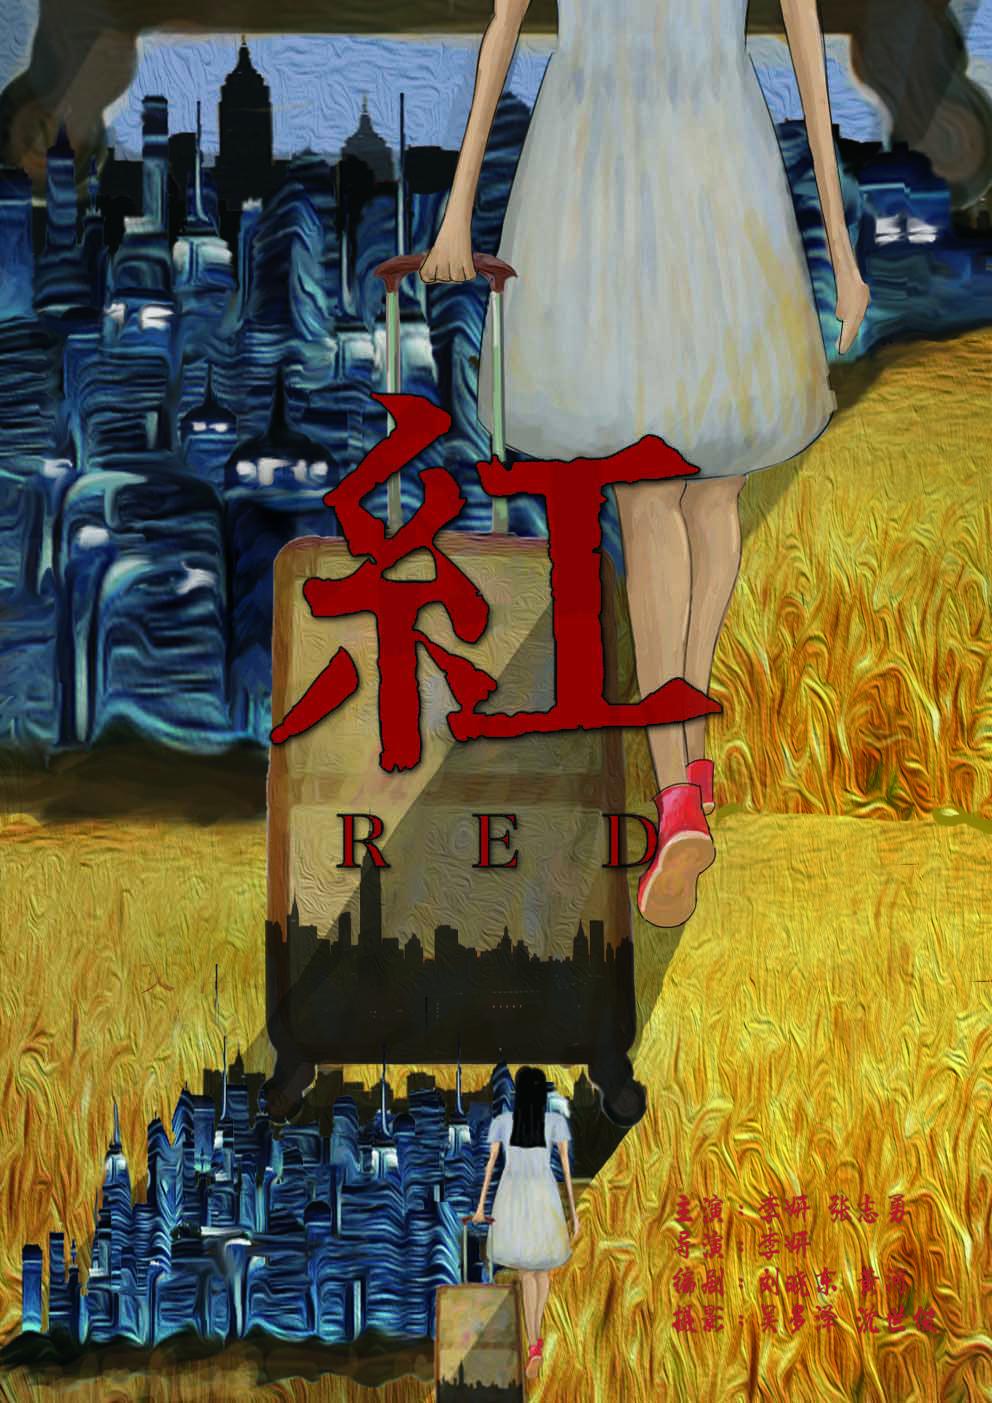 《红》电影海报.JPG